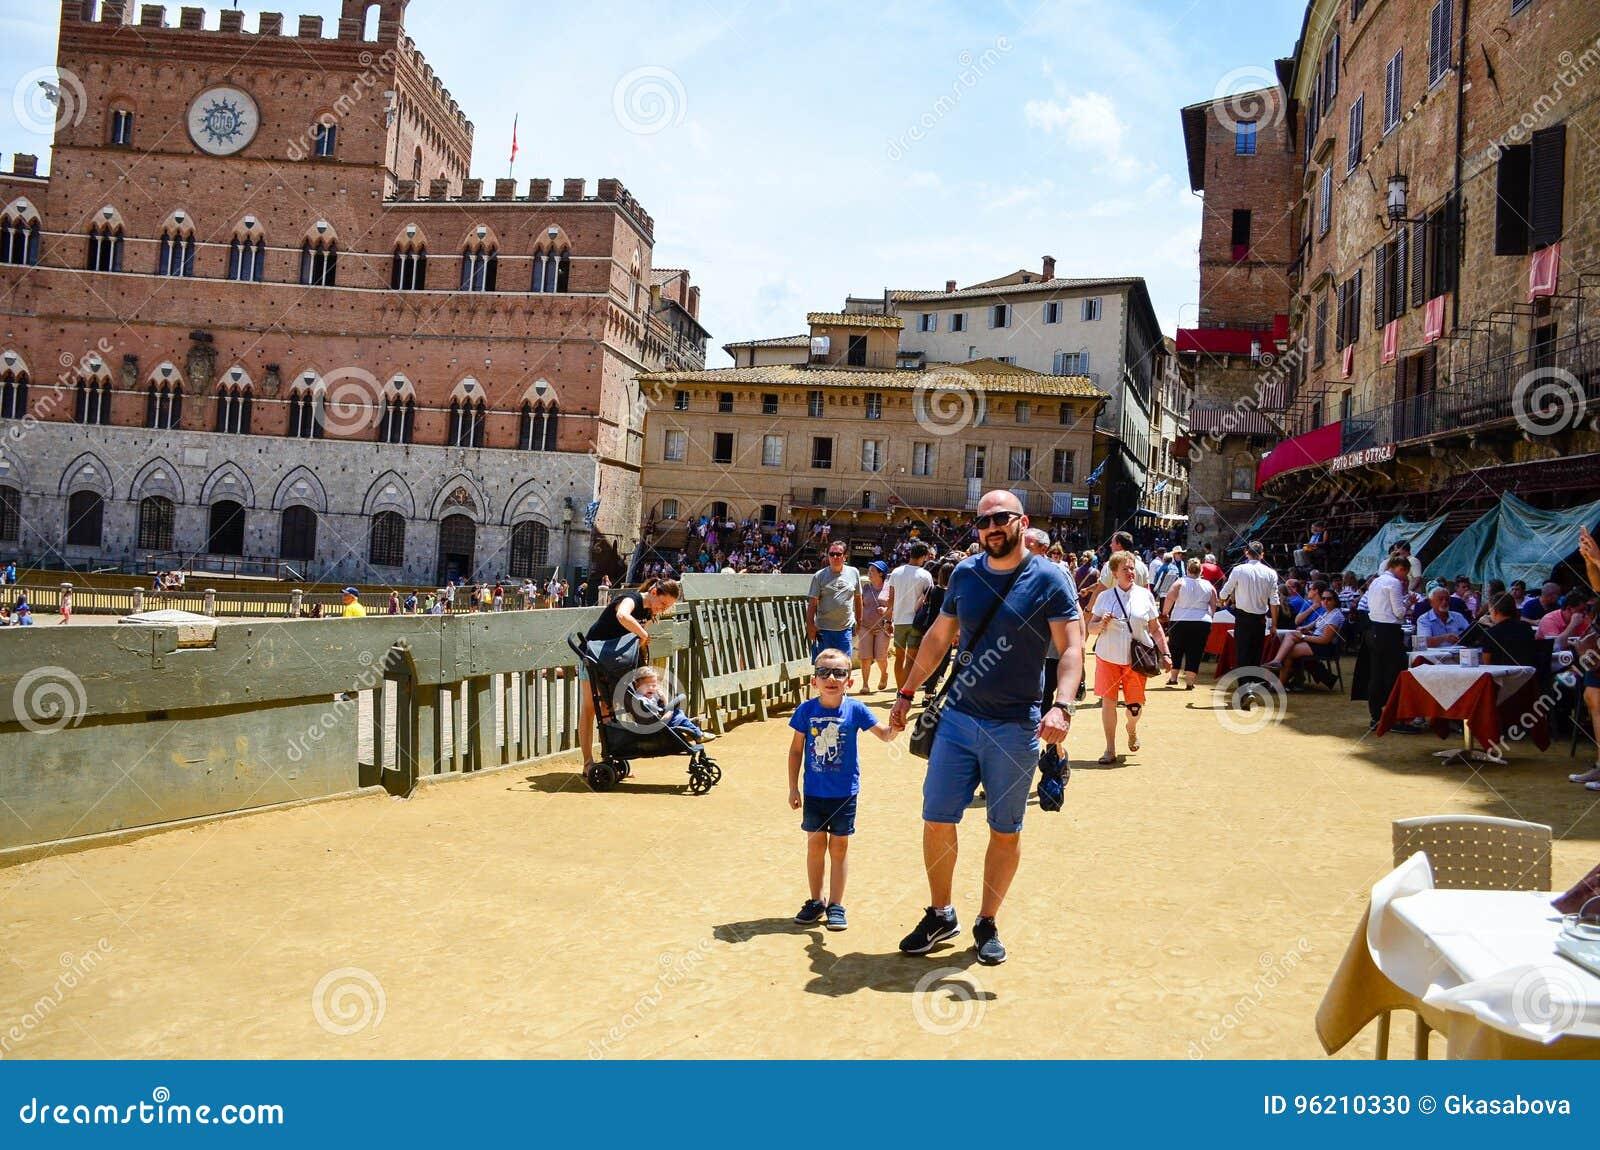 Touriste près de Palazzo Publico en hôtel de ville de Piazza del Campo de Sienne, Toscane, Italie